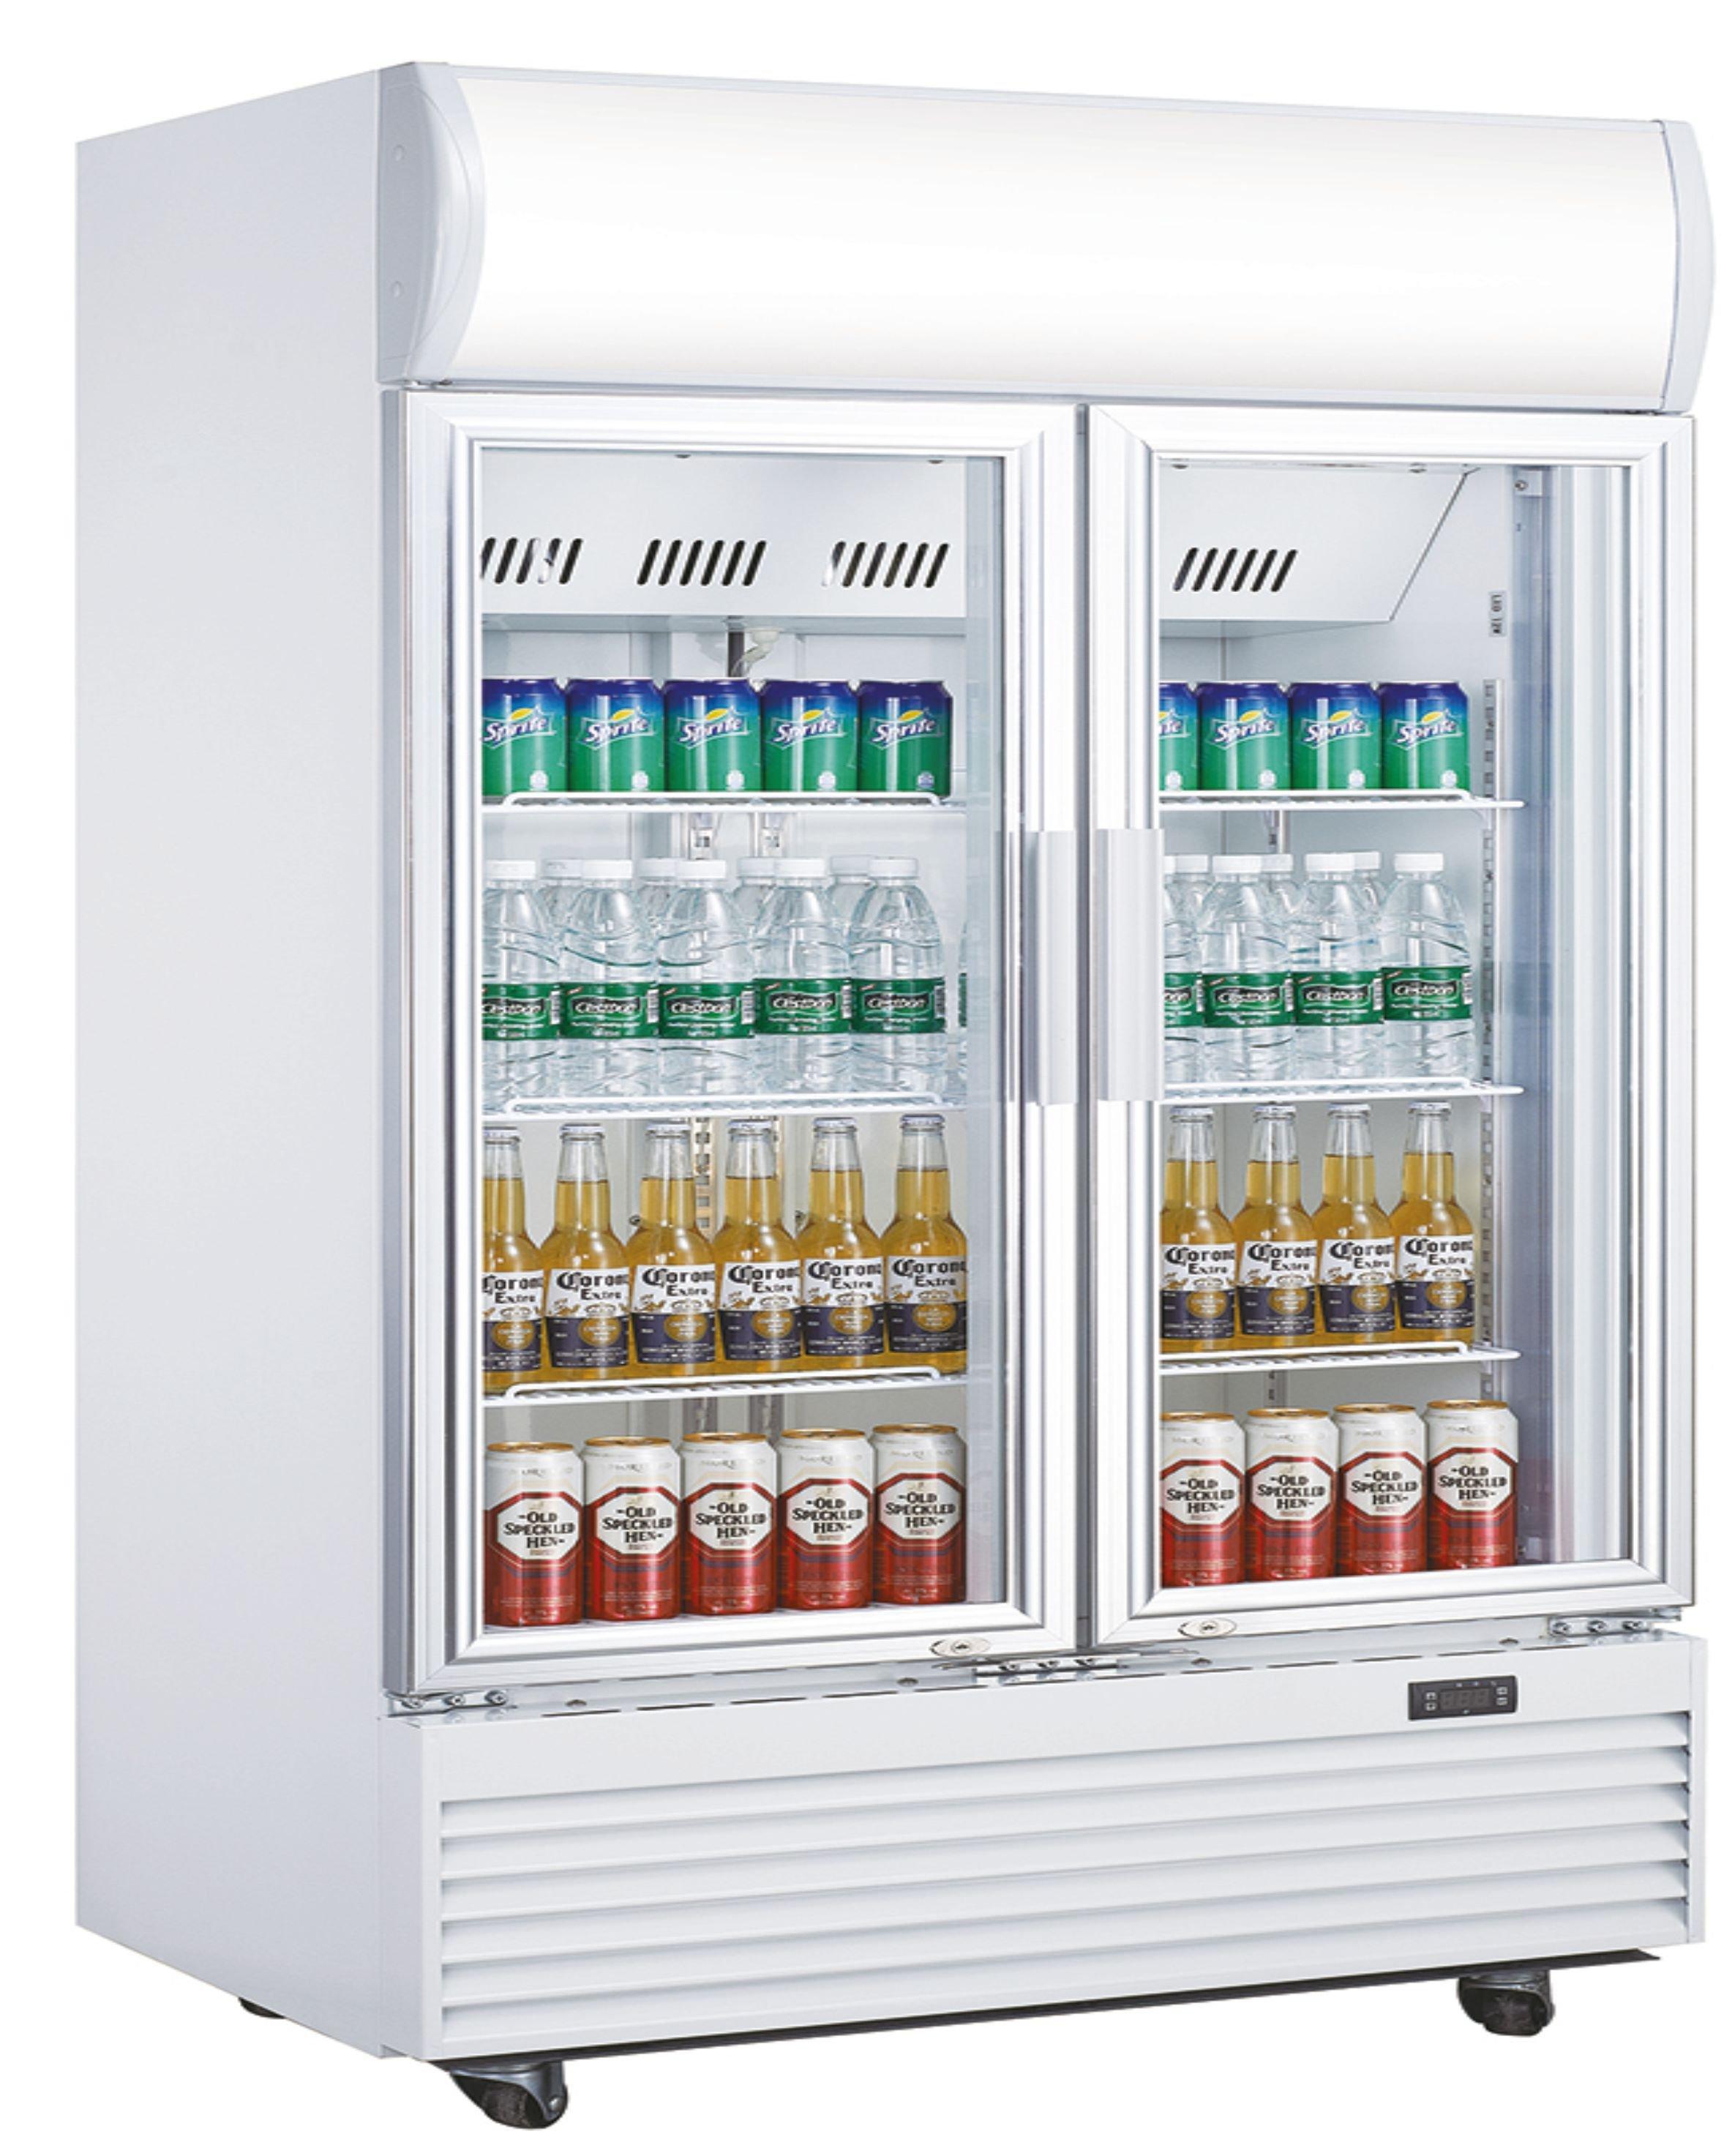 senox-sc1200